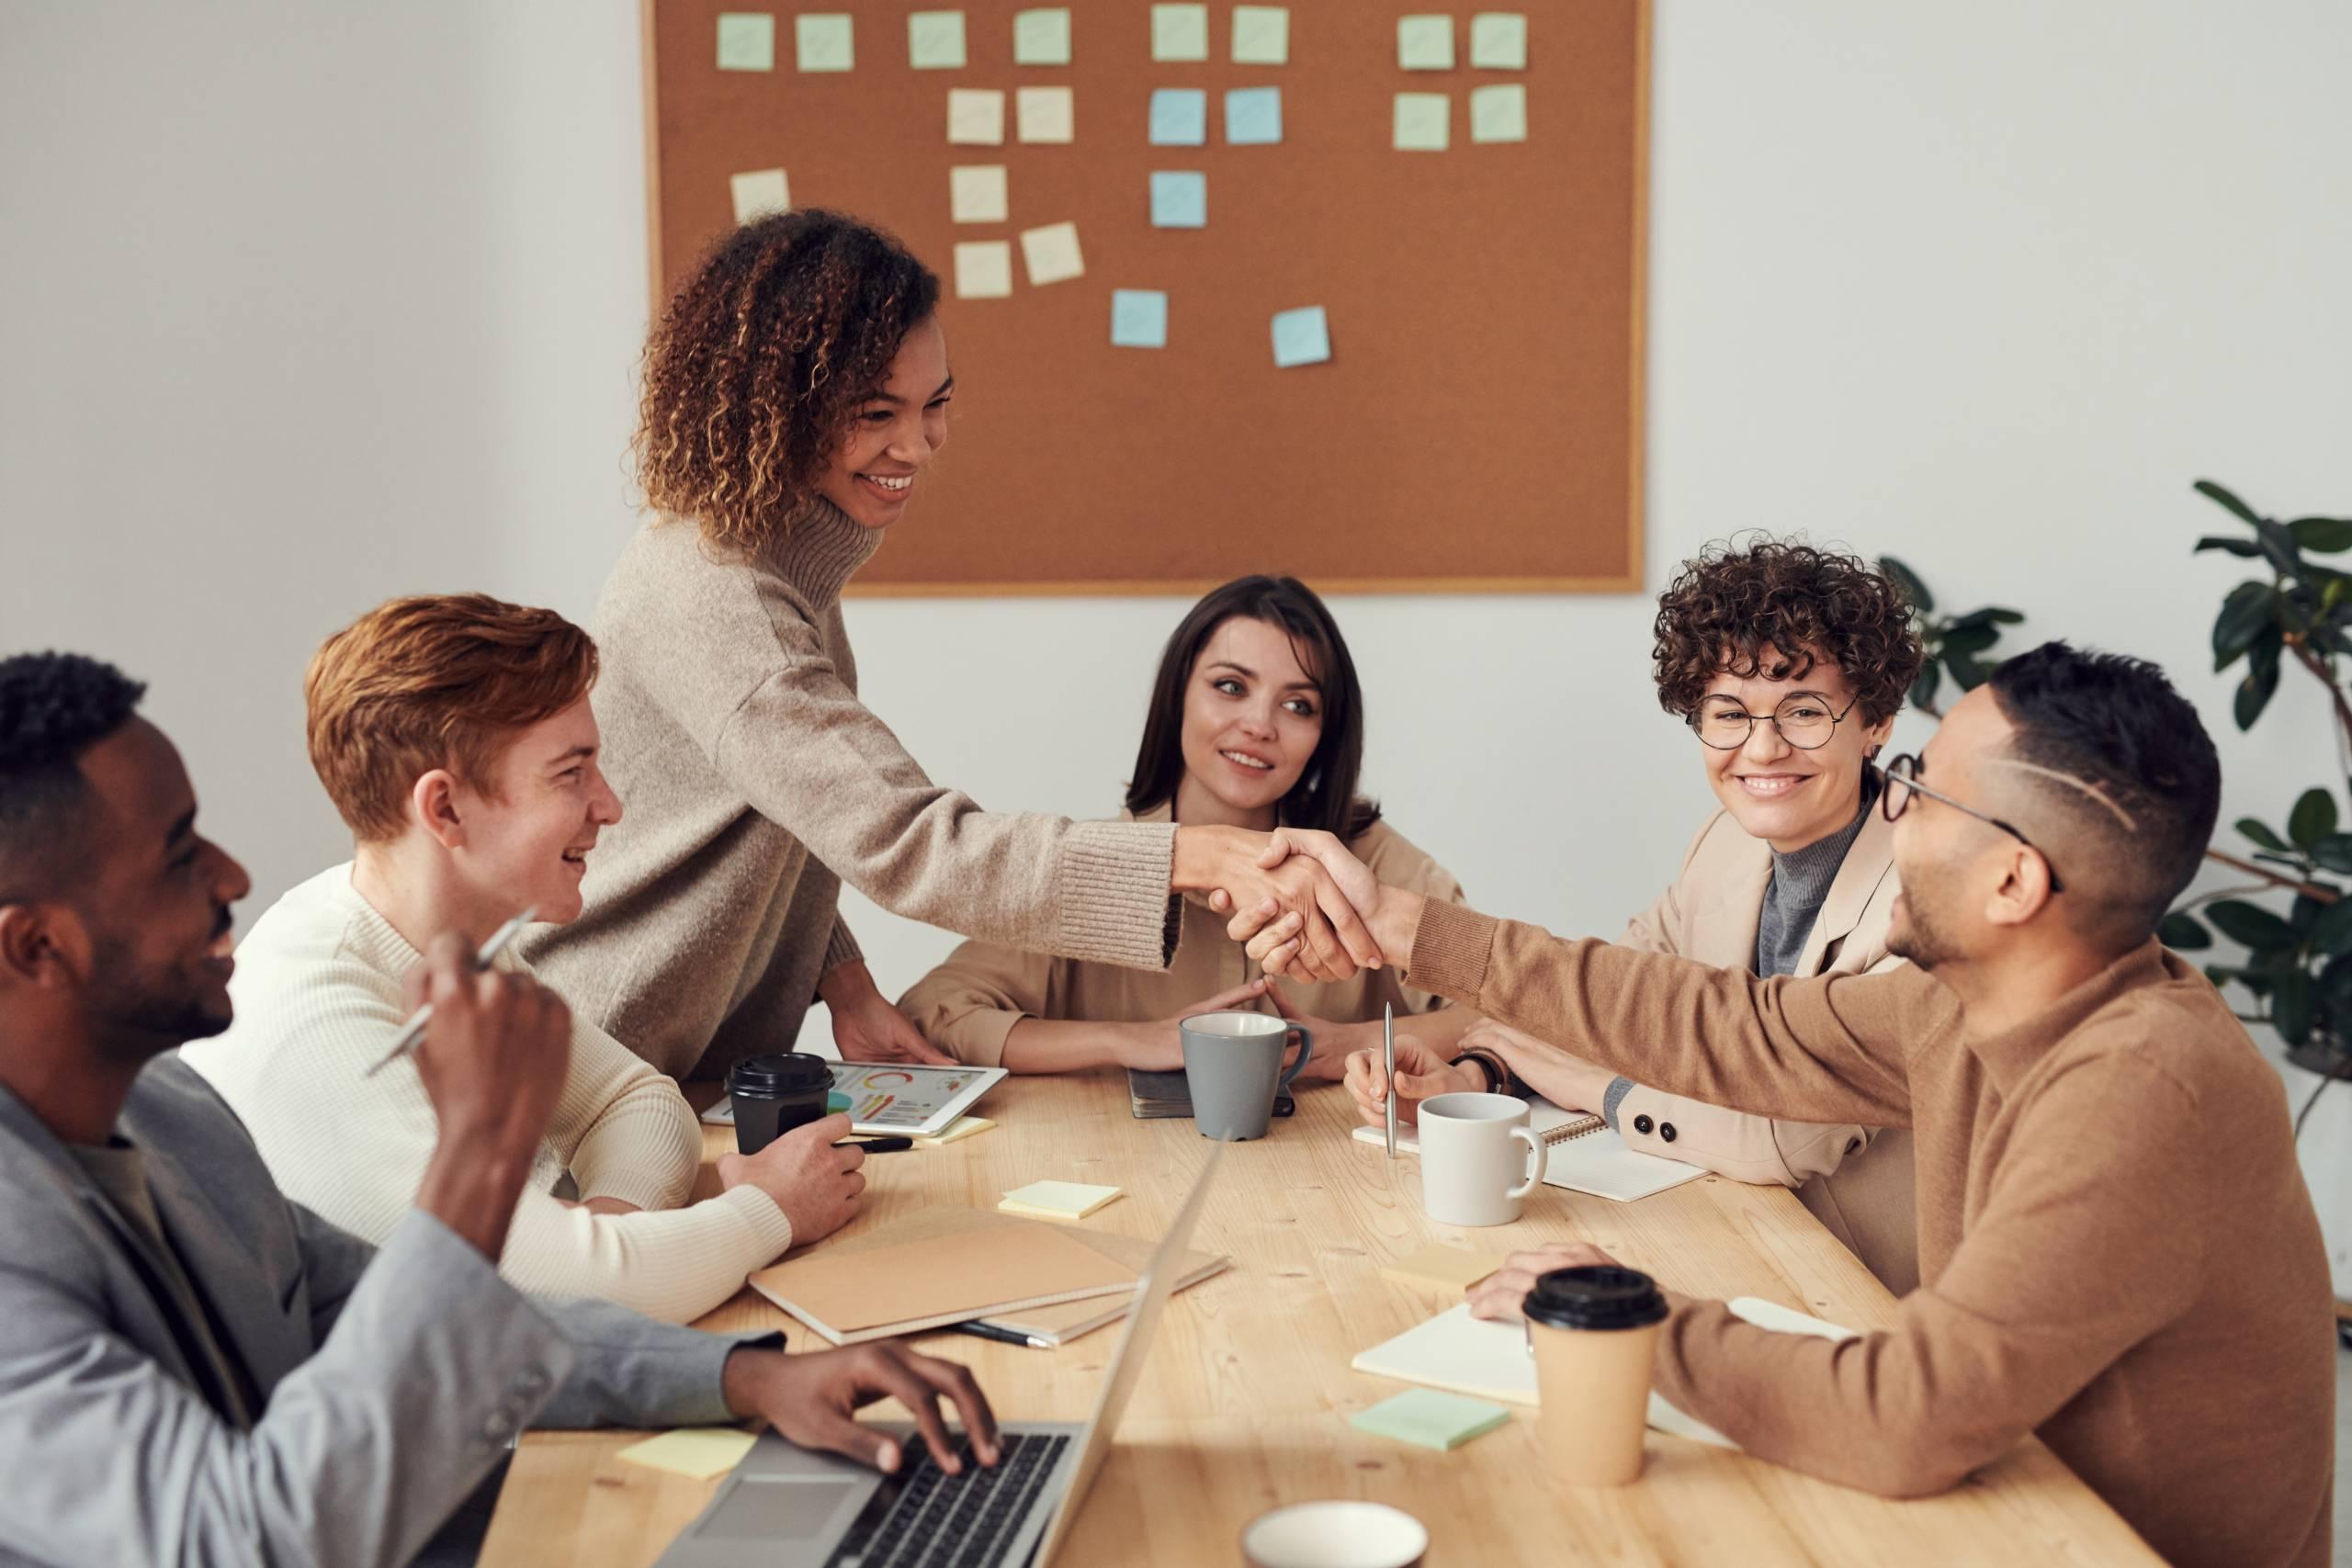 Comment l'équipe Marketing de votre marque peut réinventer la relation avec les acheteurs BtoB ?